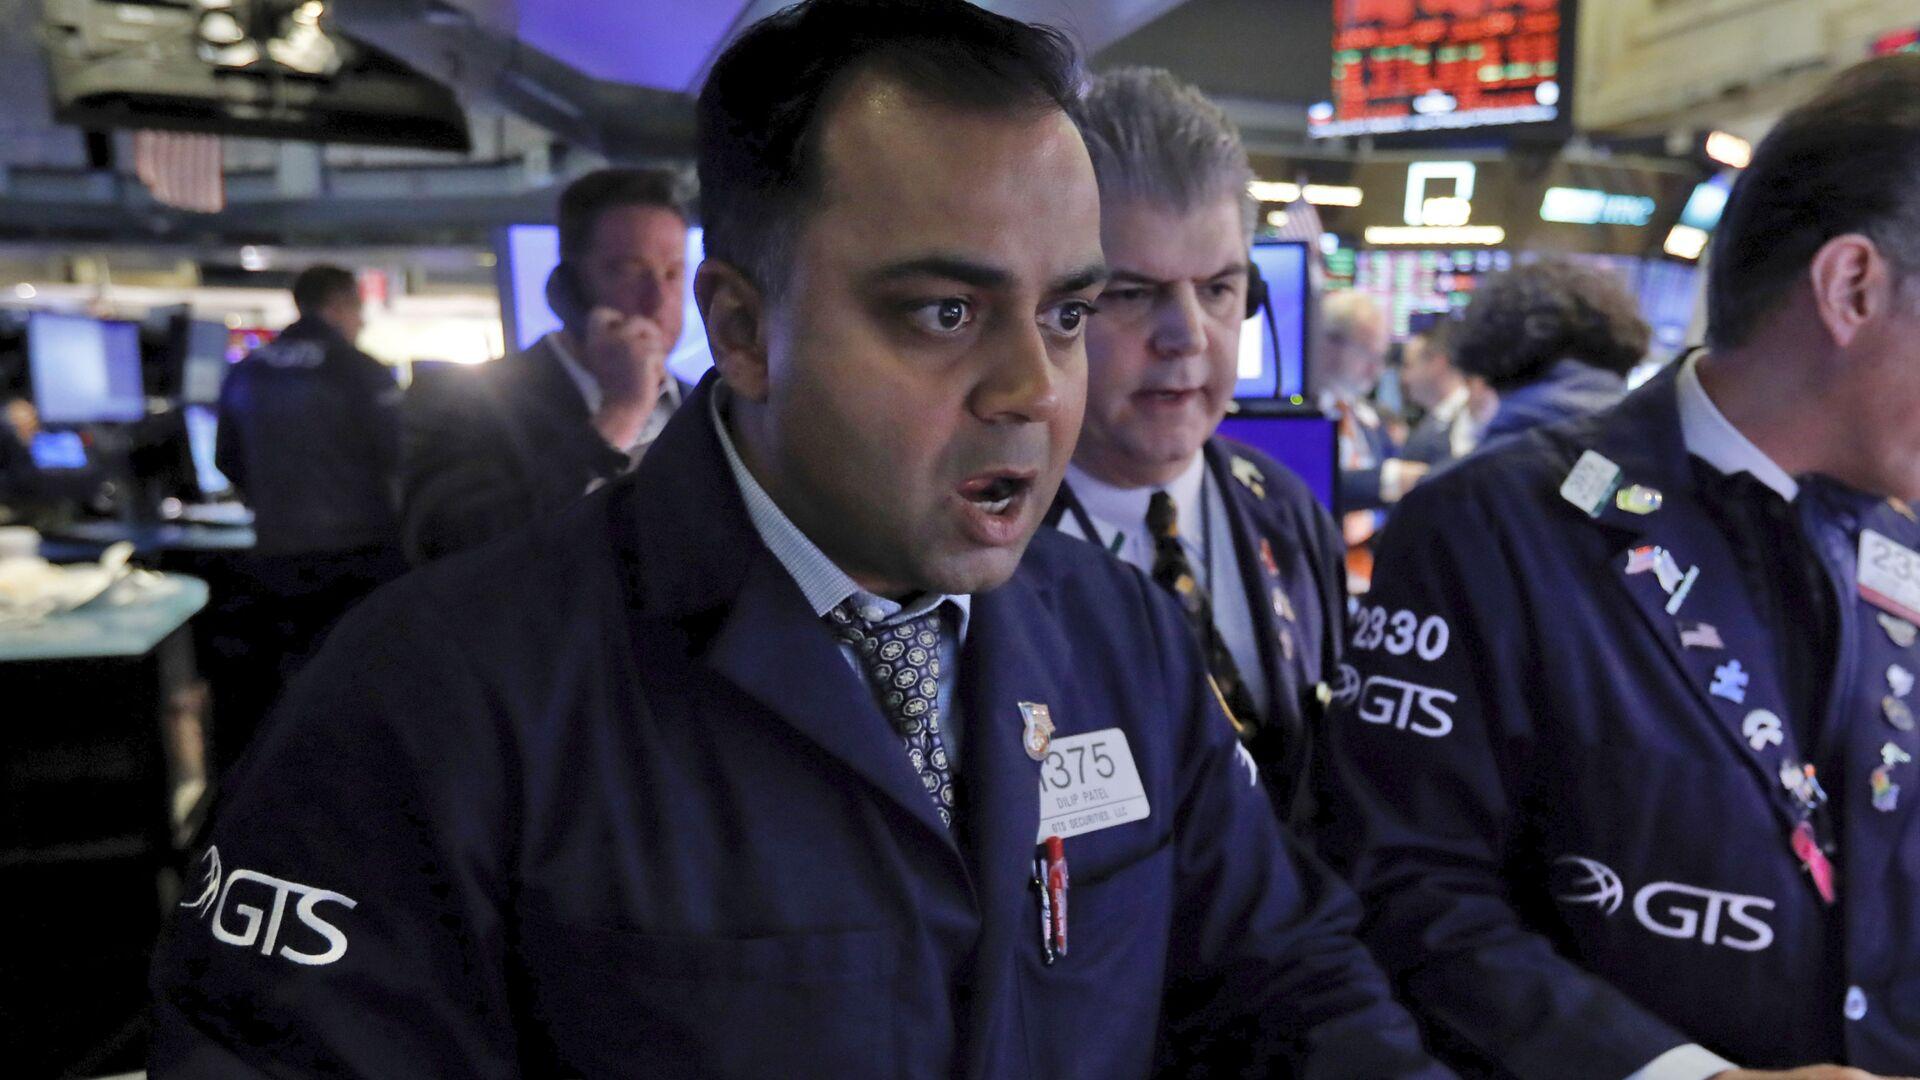 Специалист Нью-Йоркской фондовой биржи реагирует известие о падении рынков - Sputnik Грузия, 1920, 30.09.2021